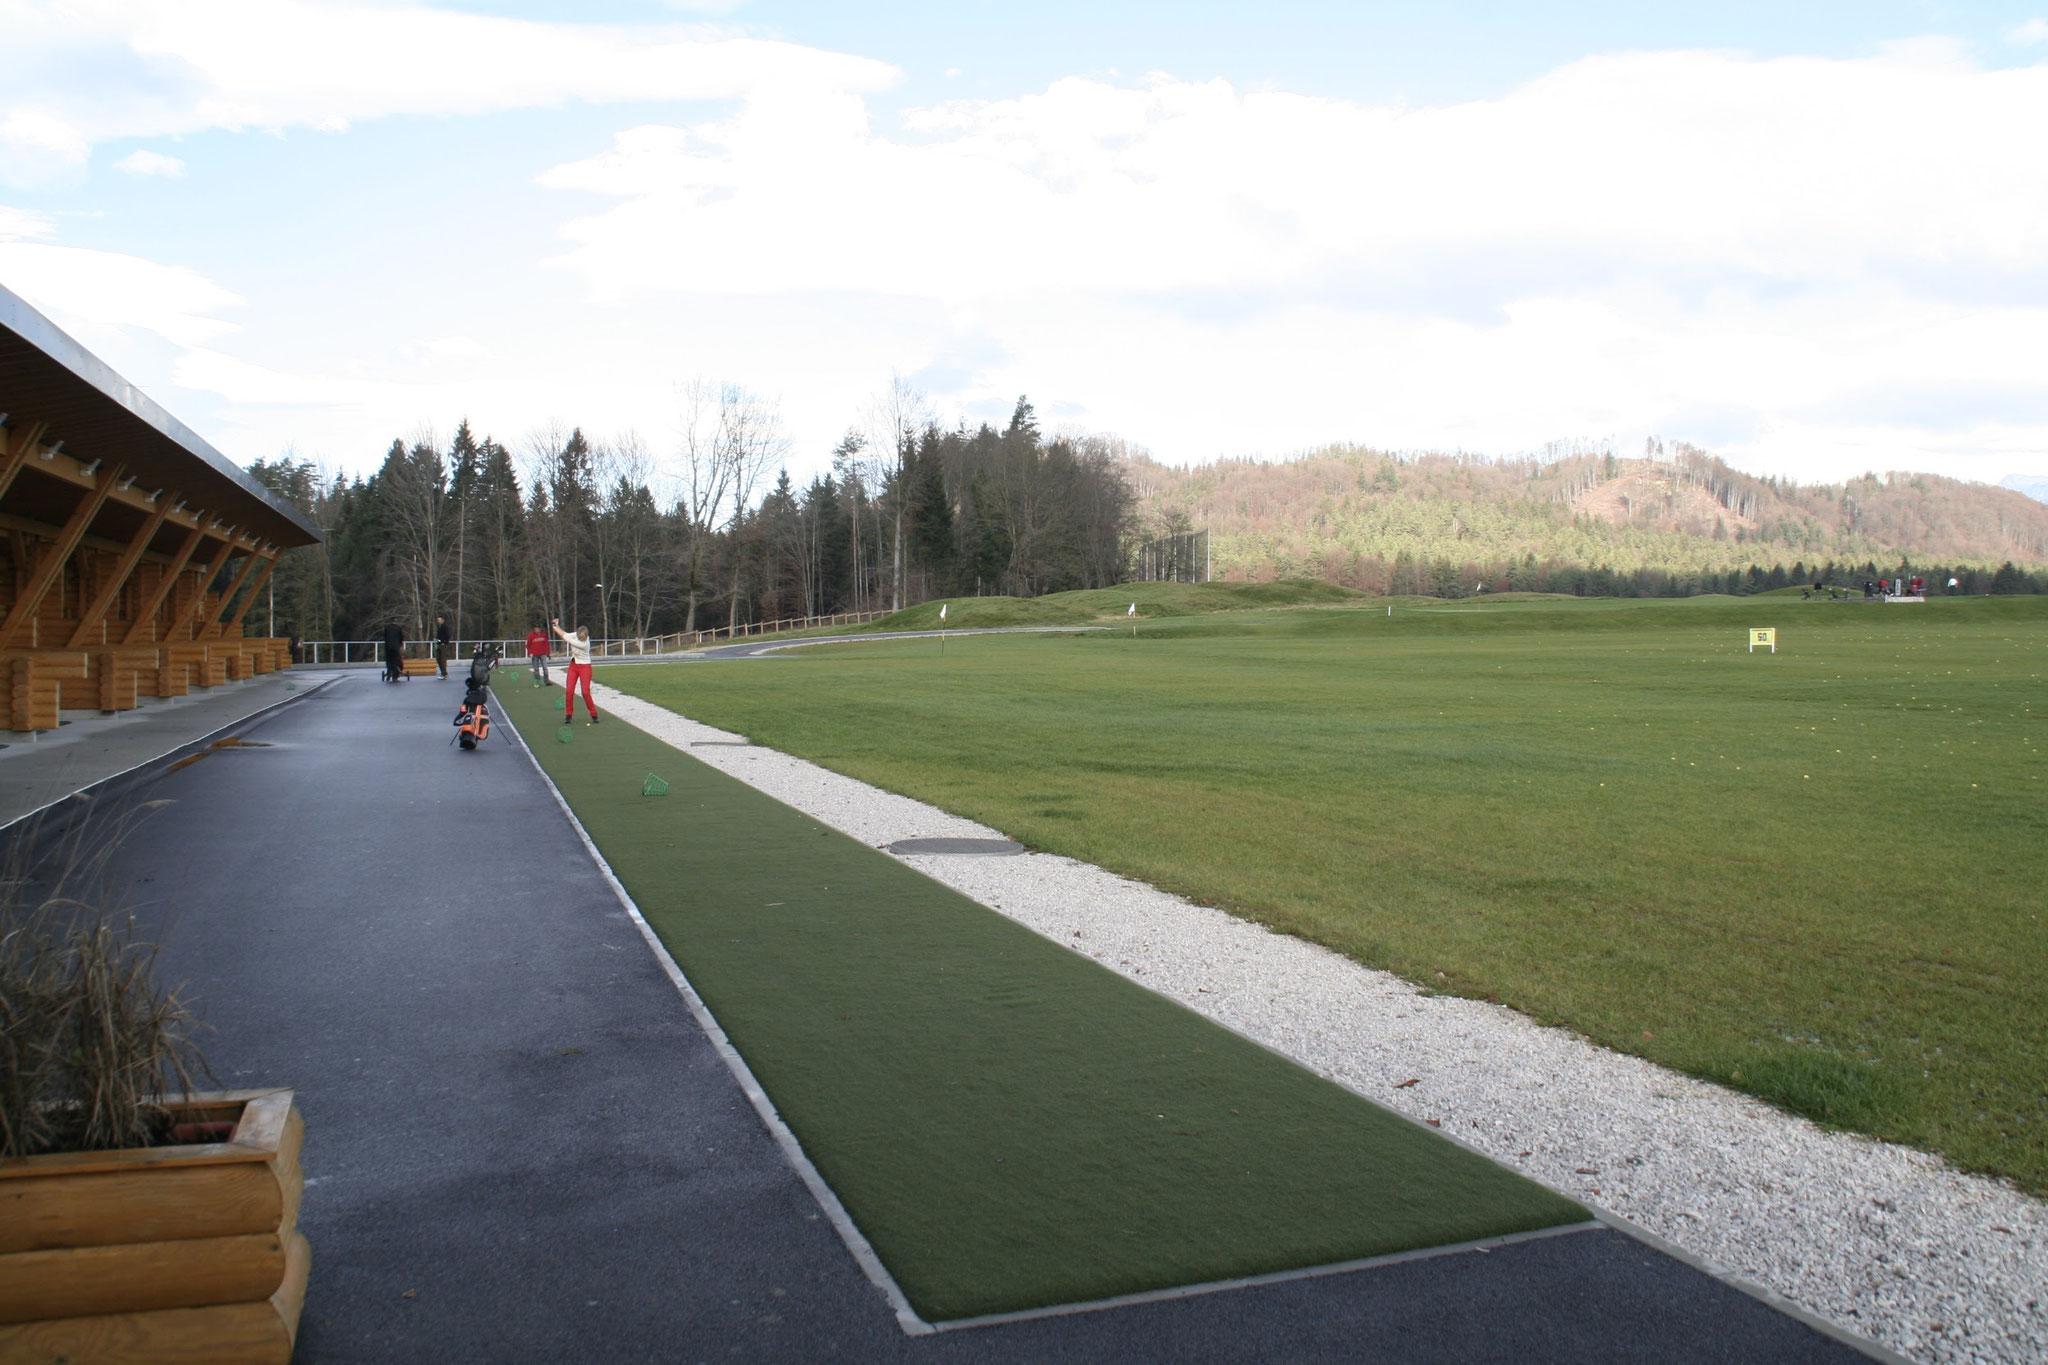 Teeline am Golfclub Diners / SL